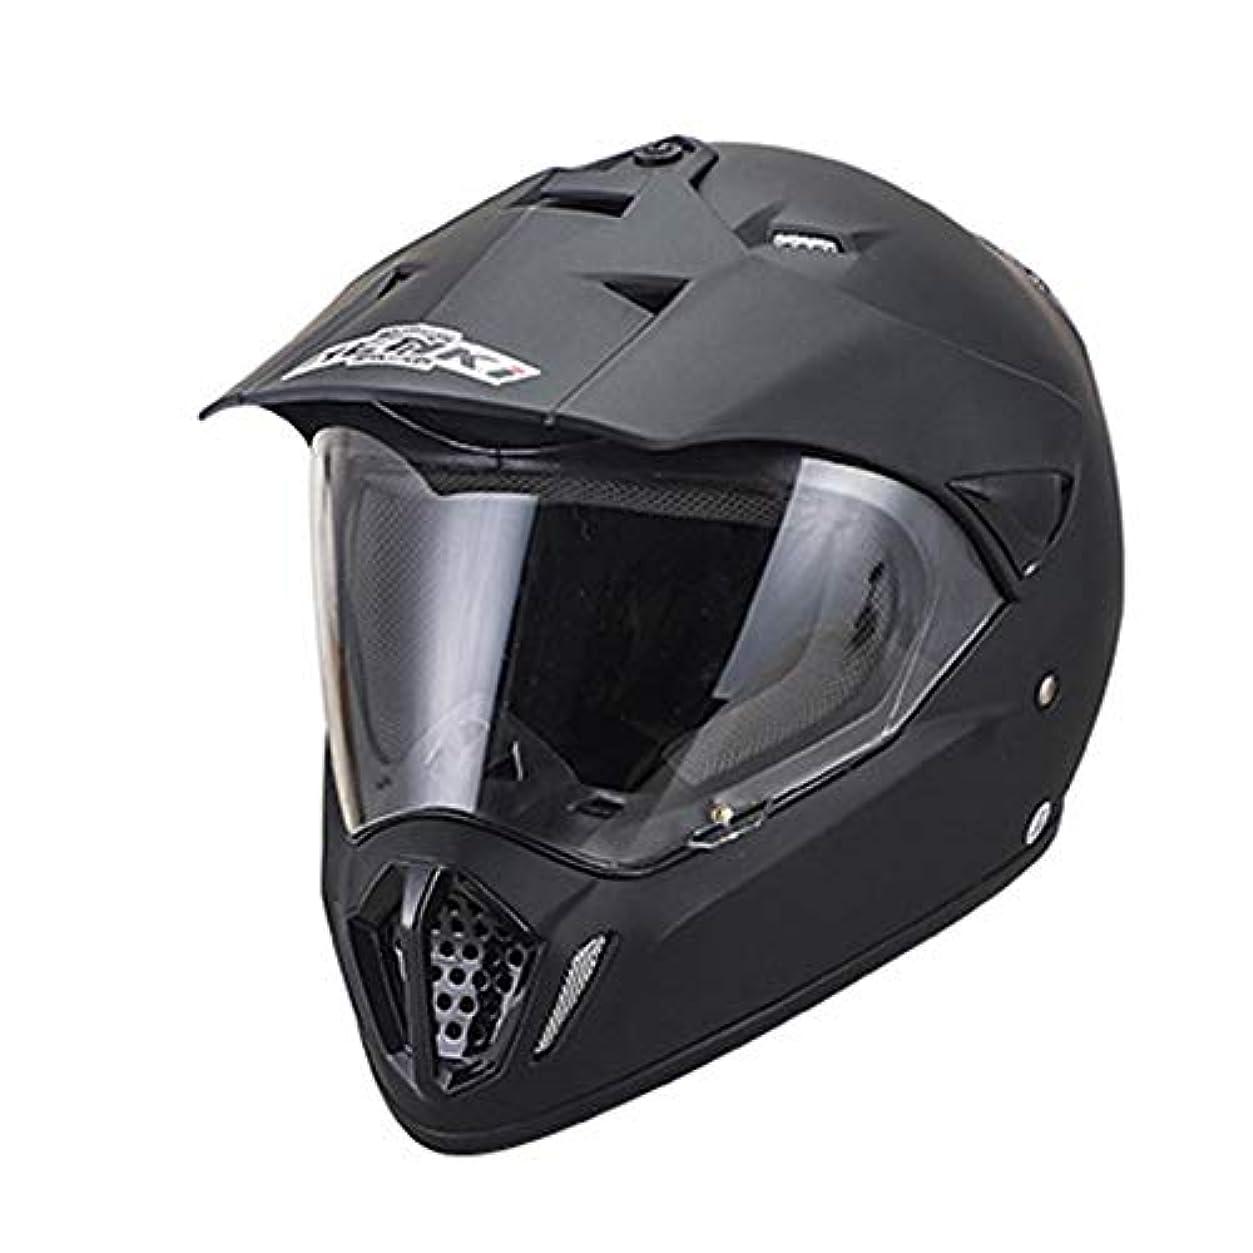 必須ぼかす滴下HYH モトクロスヘルメットオフロードヘルメットレーシング冬人格メンズフルカバーフェイスヘルメットフルフェイスヘルメット四季 - マットブラック - 大 - 通気性の快適さ いい人生